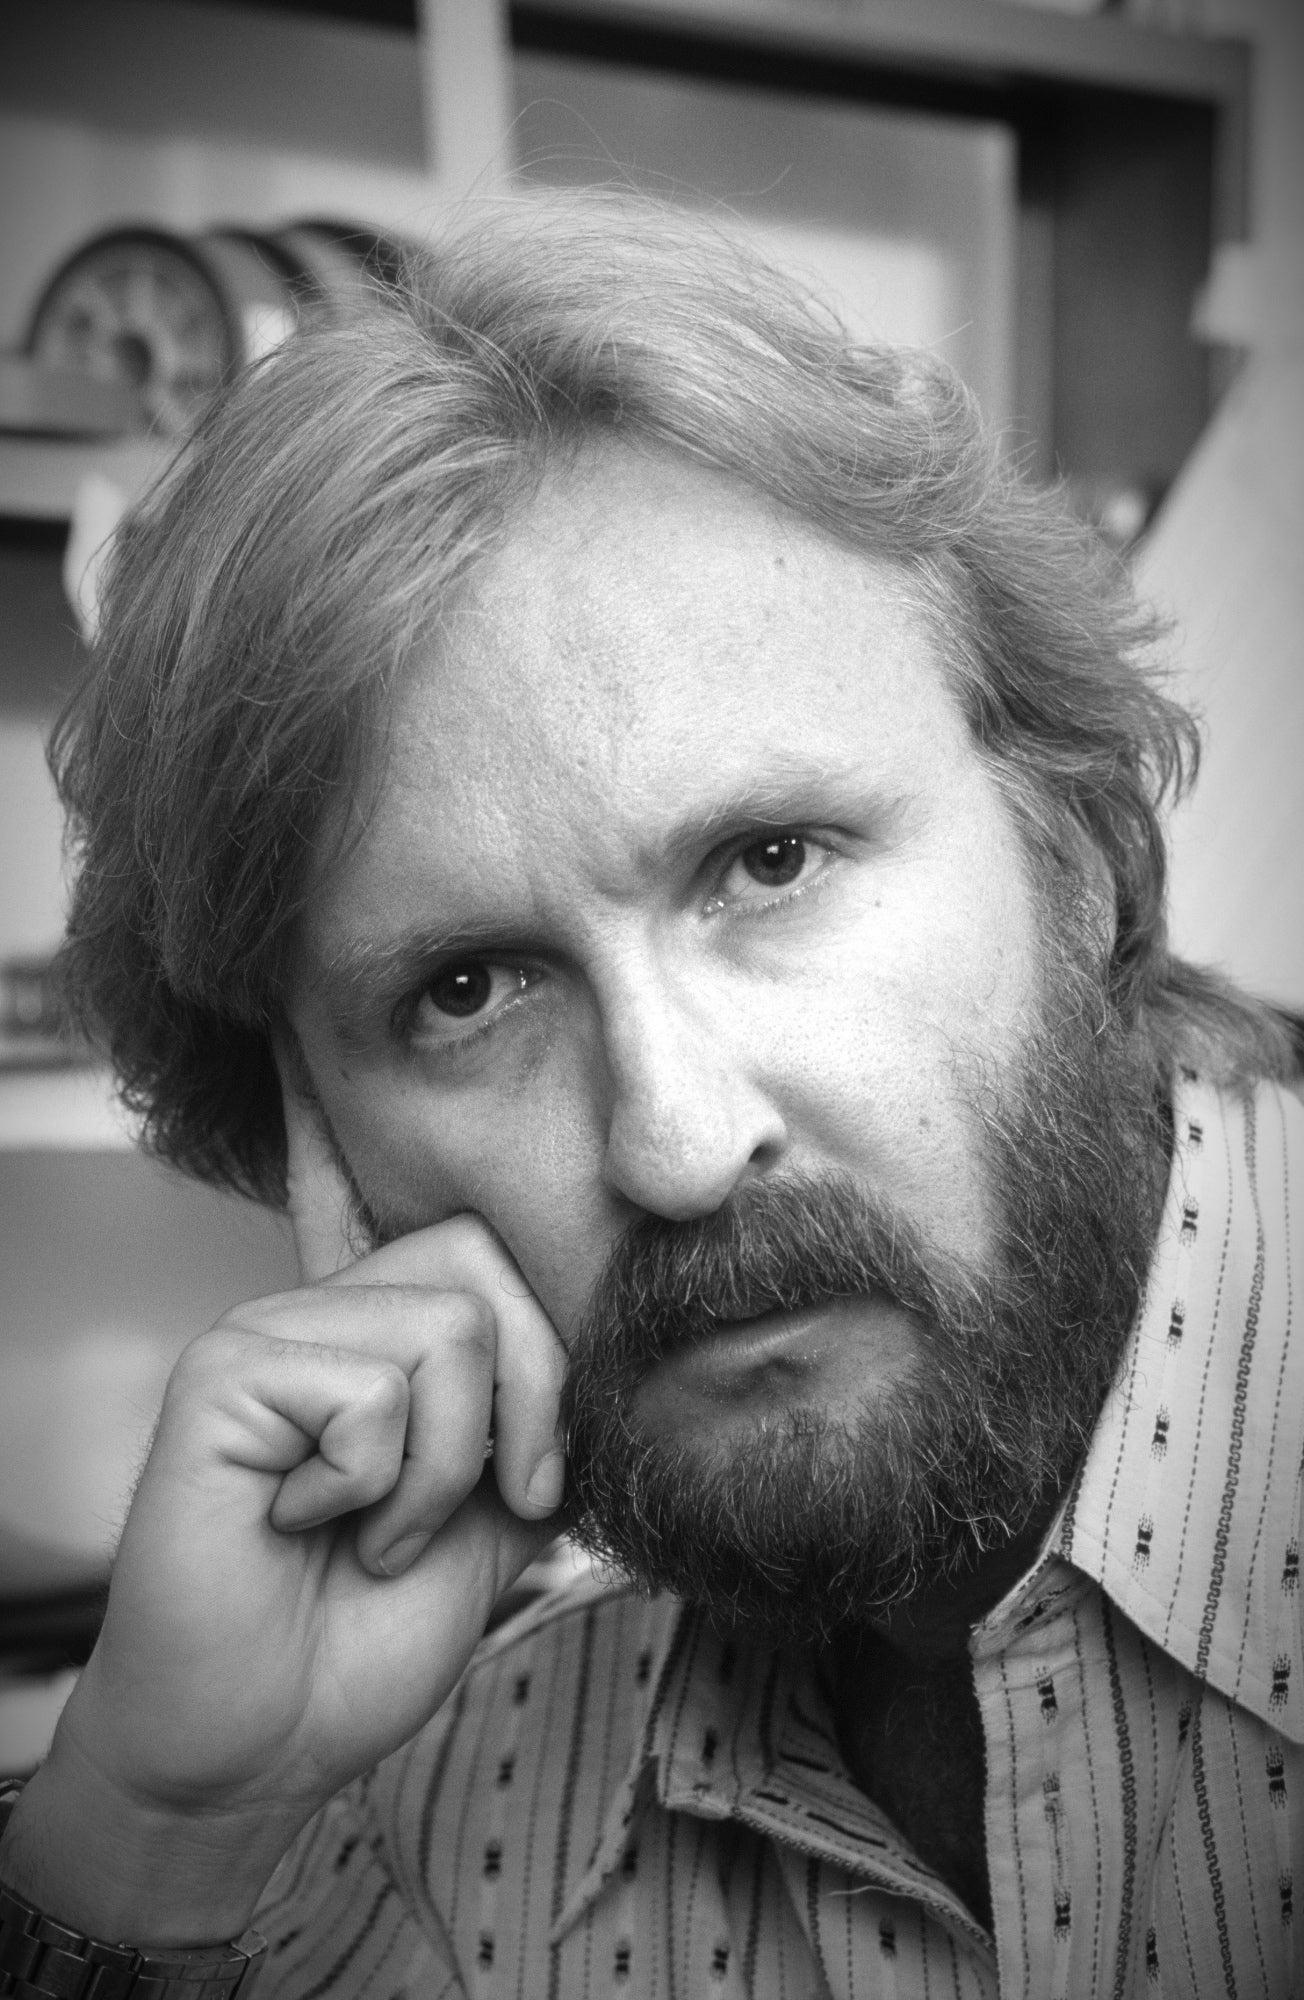 Filmmaker James Cameron, Golden Globe winner, in 1989